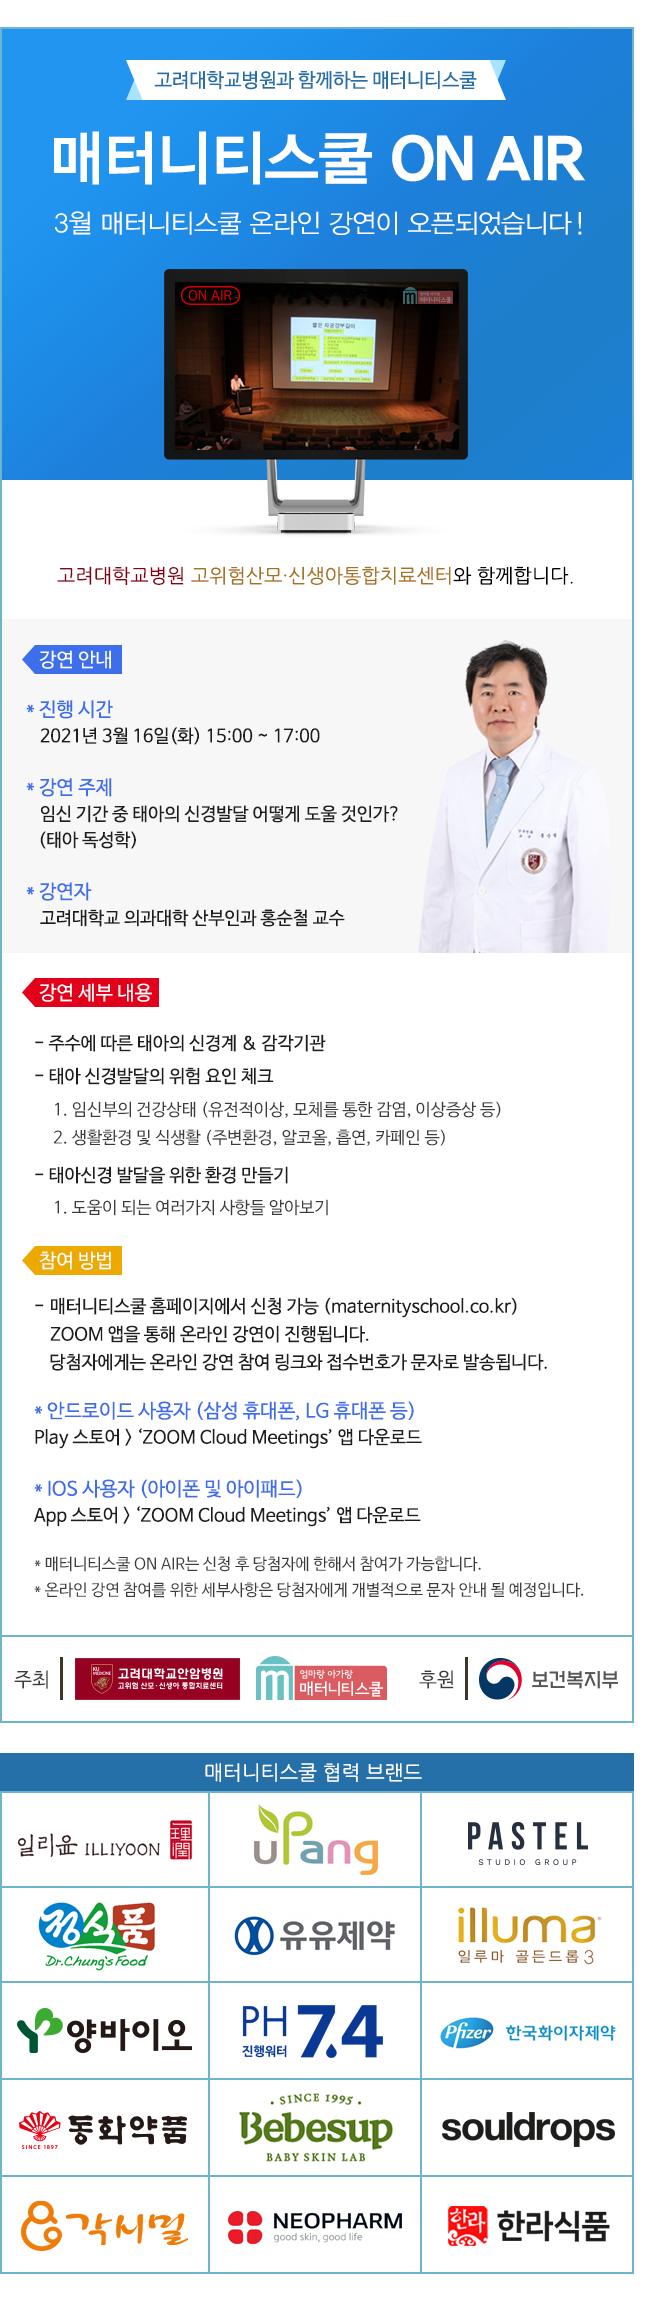 온라인_매터니티스쿨_신청페이지.png